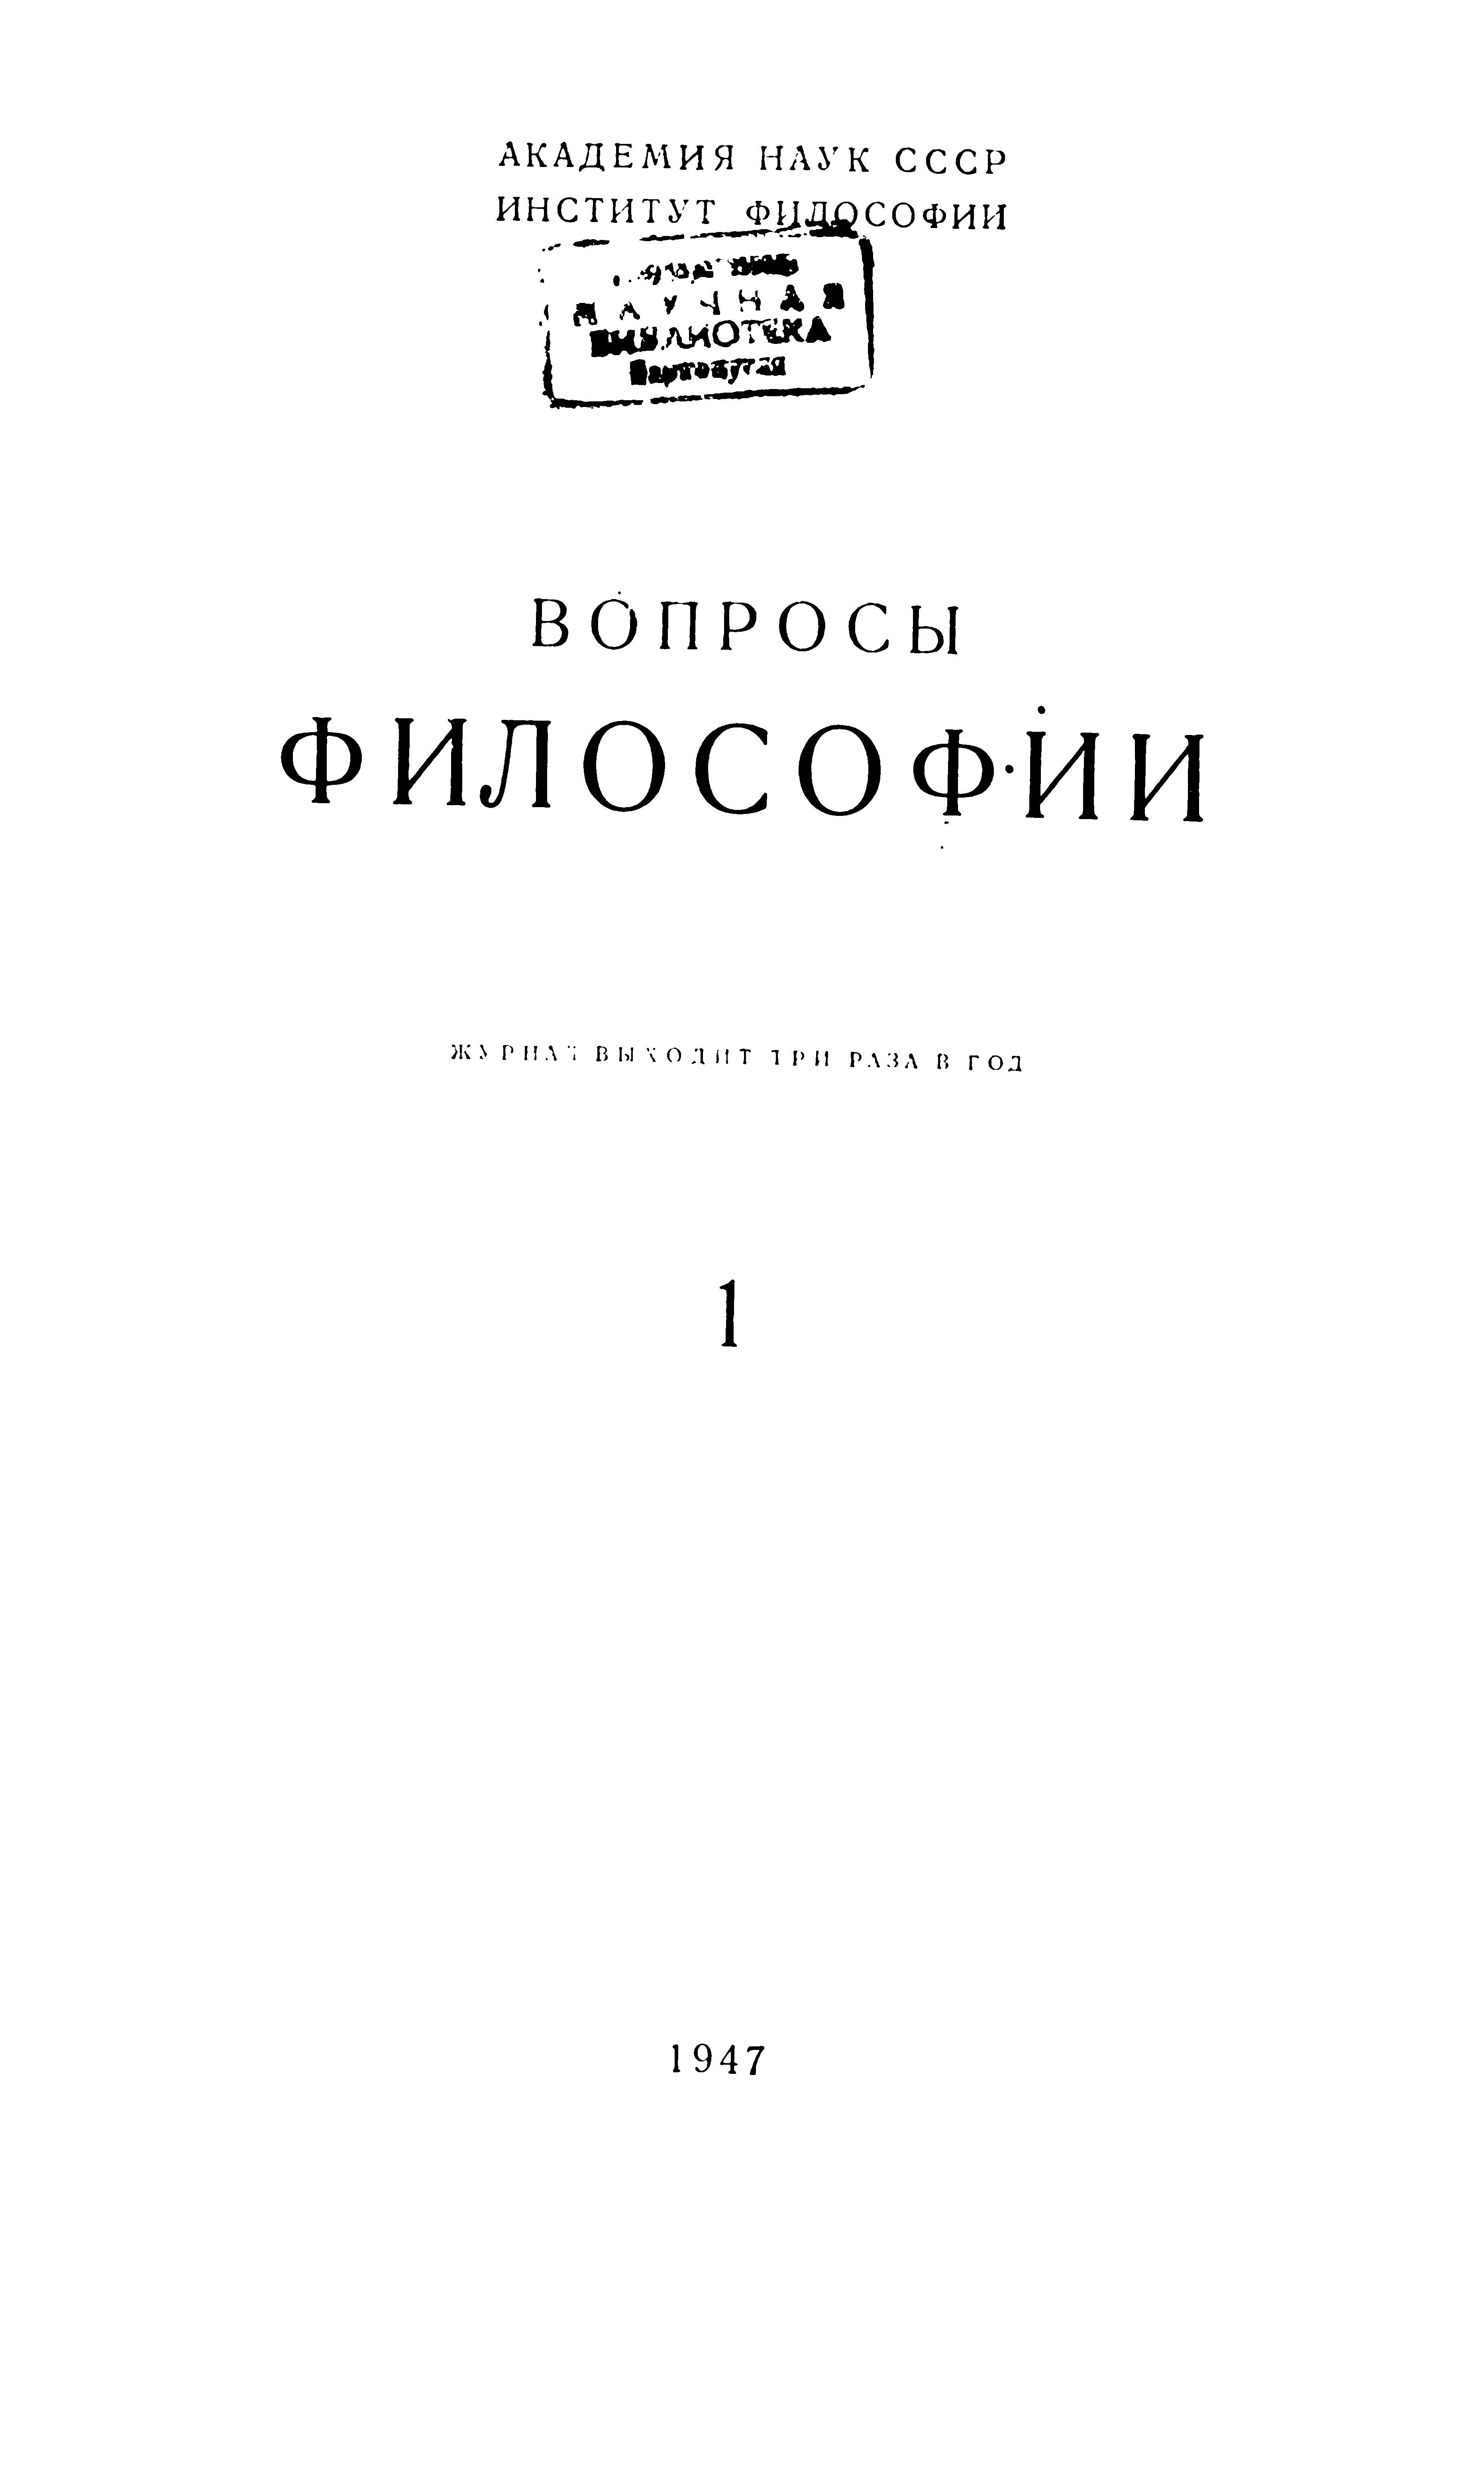 ВФ №1 1947 - без облож и знака РП_1